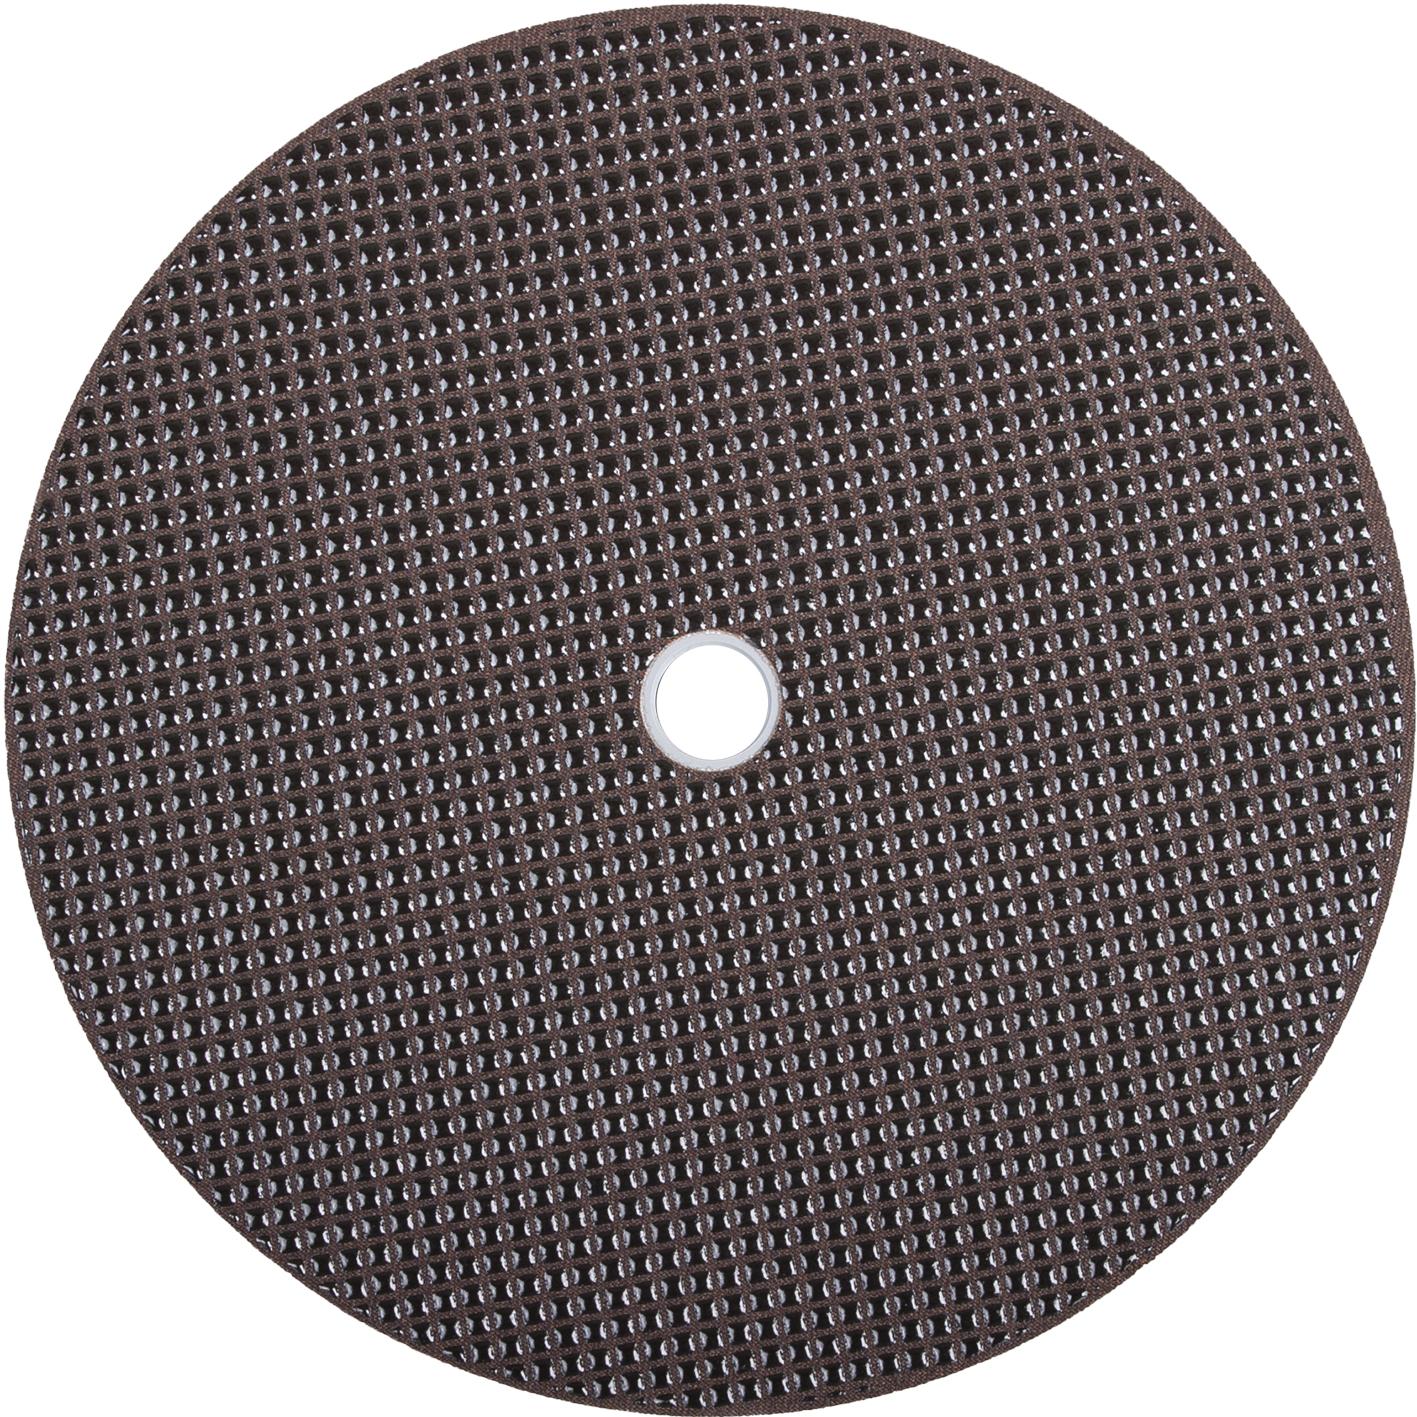 Diamantschleifteller OCTRON ø 250 mm | Klett | Korn 5000